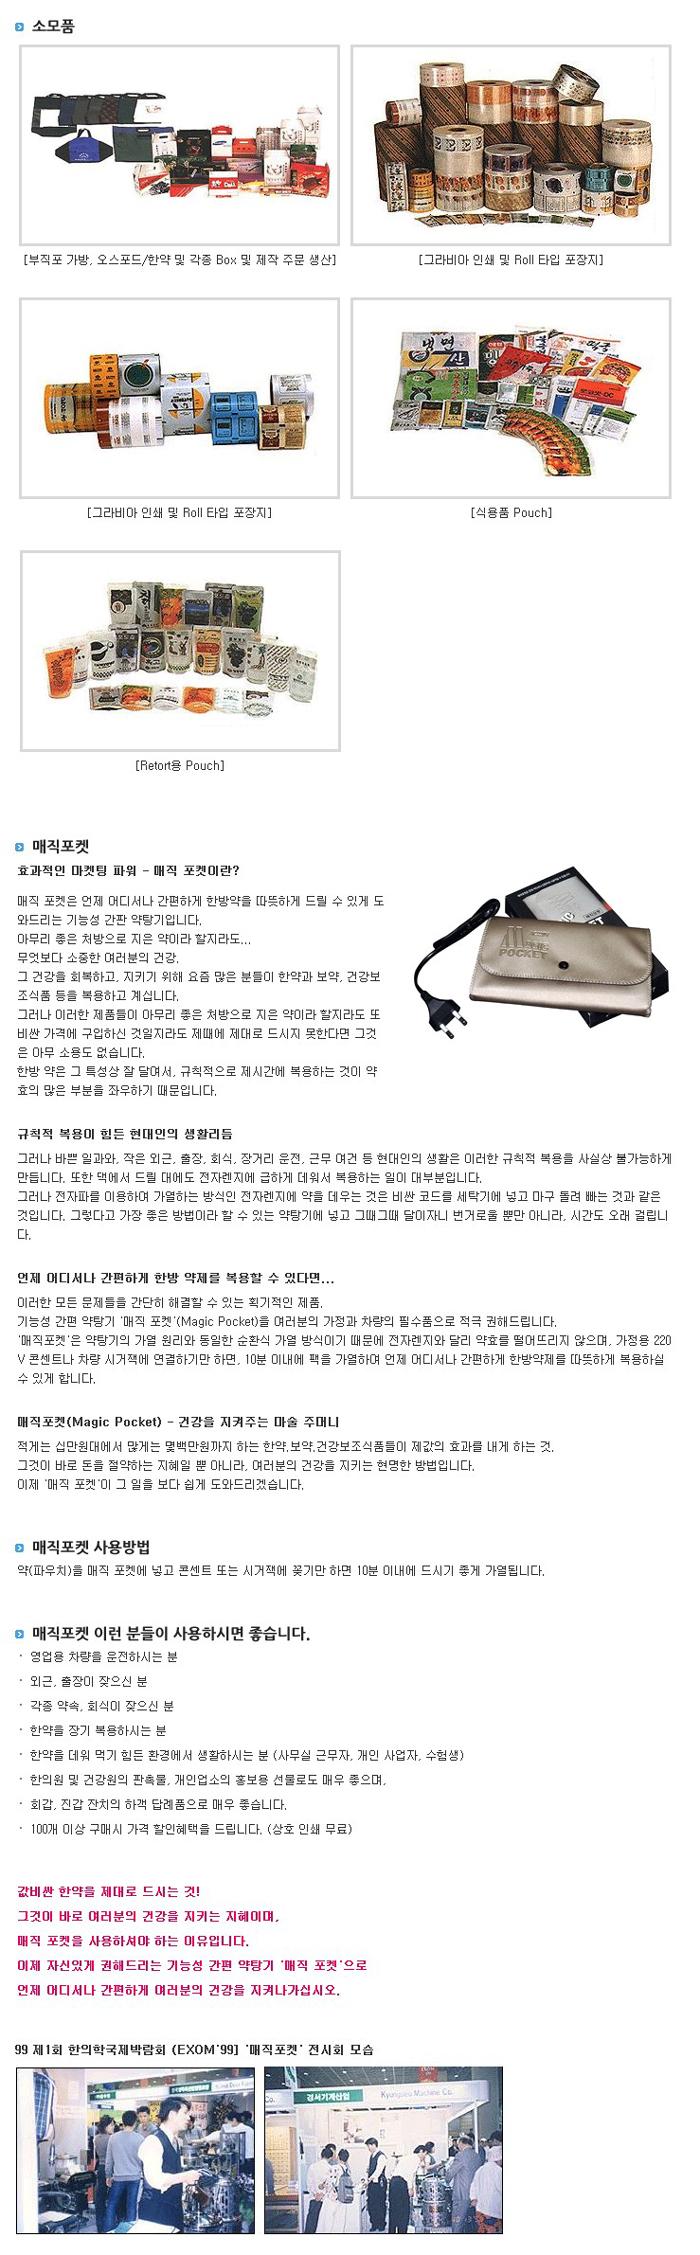 경서 이앤피 소모품